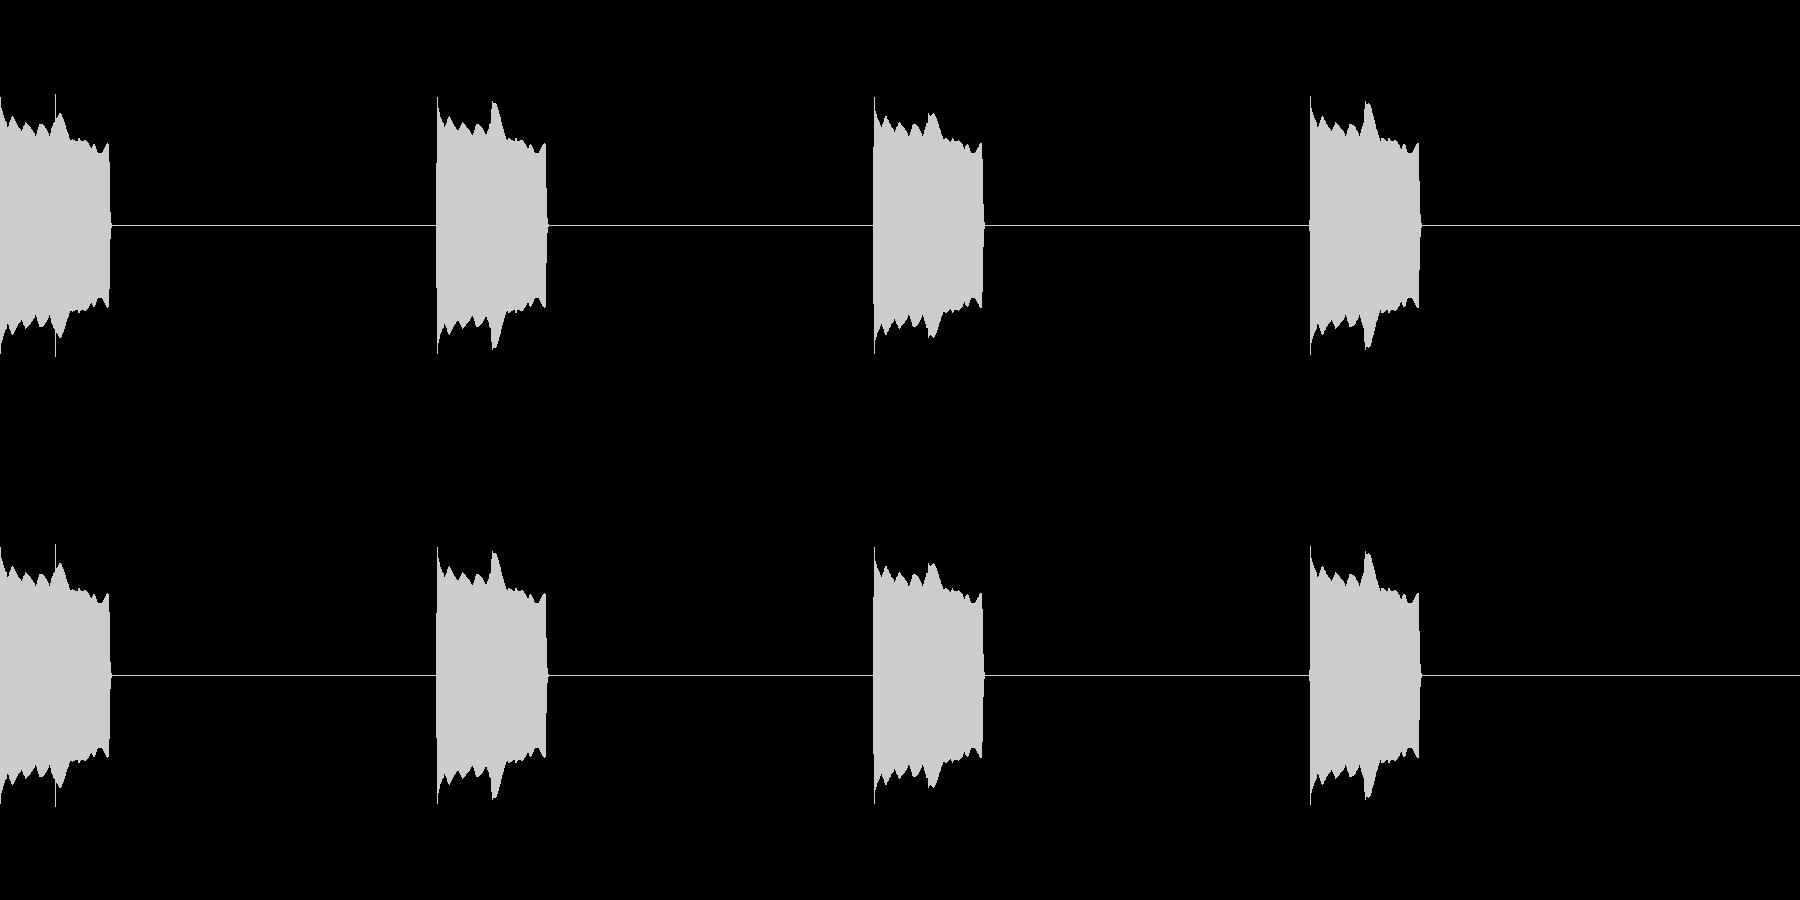 レーダー反応01の未再生の波形